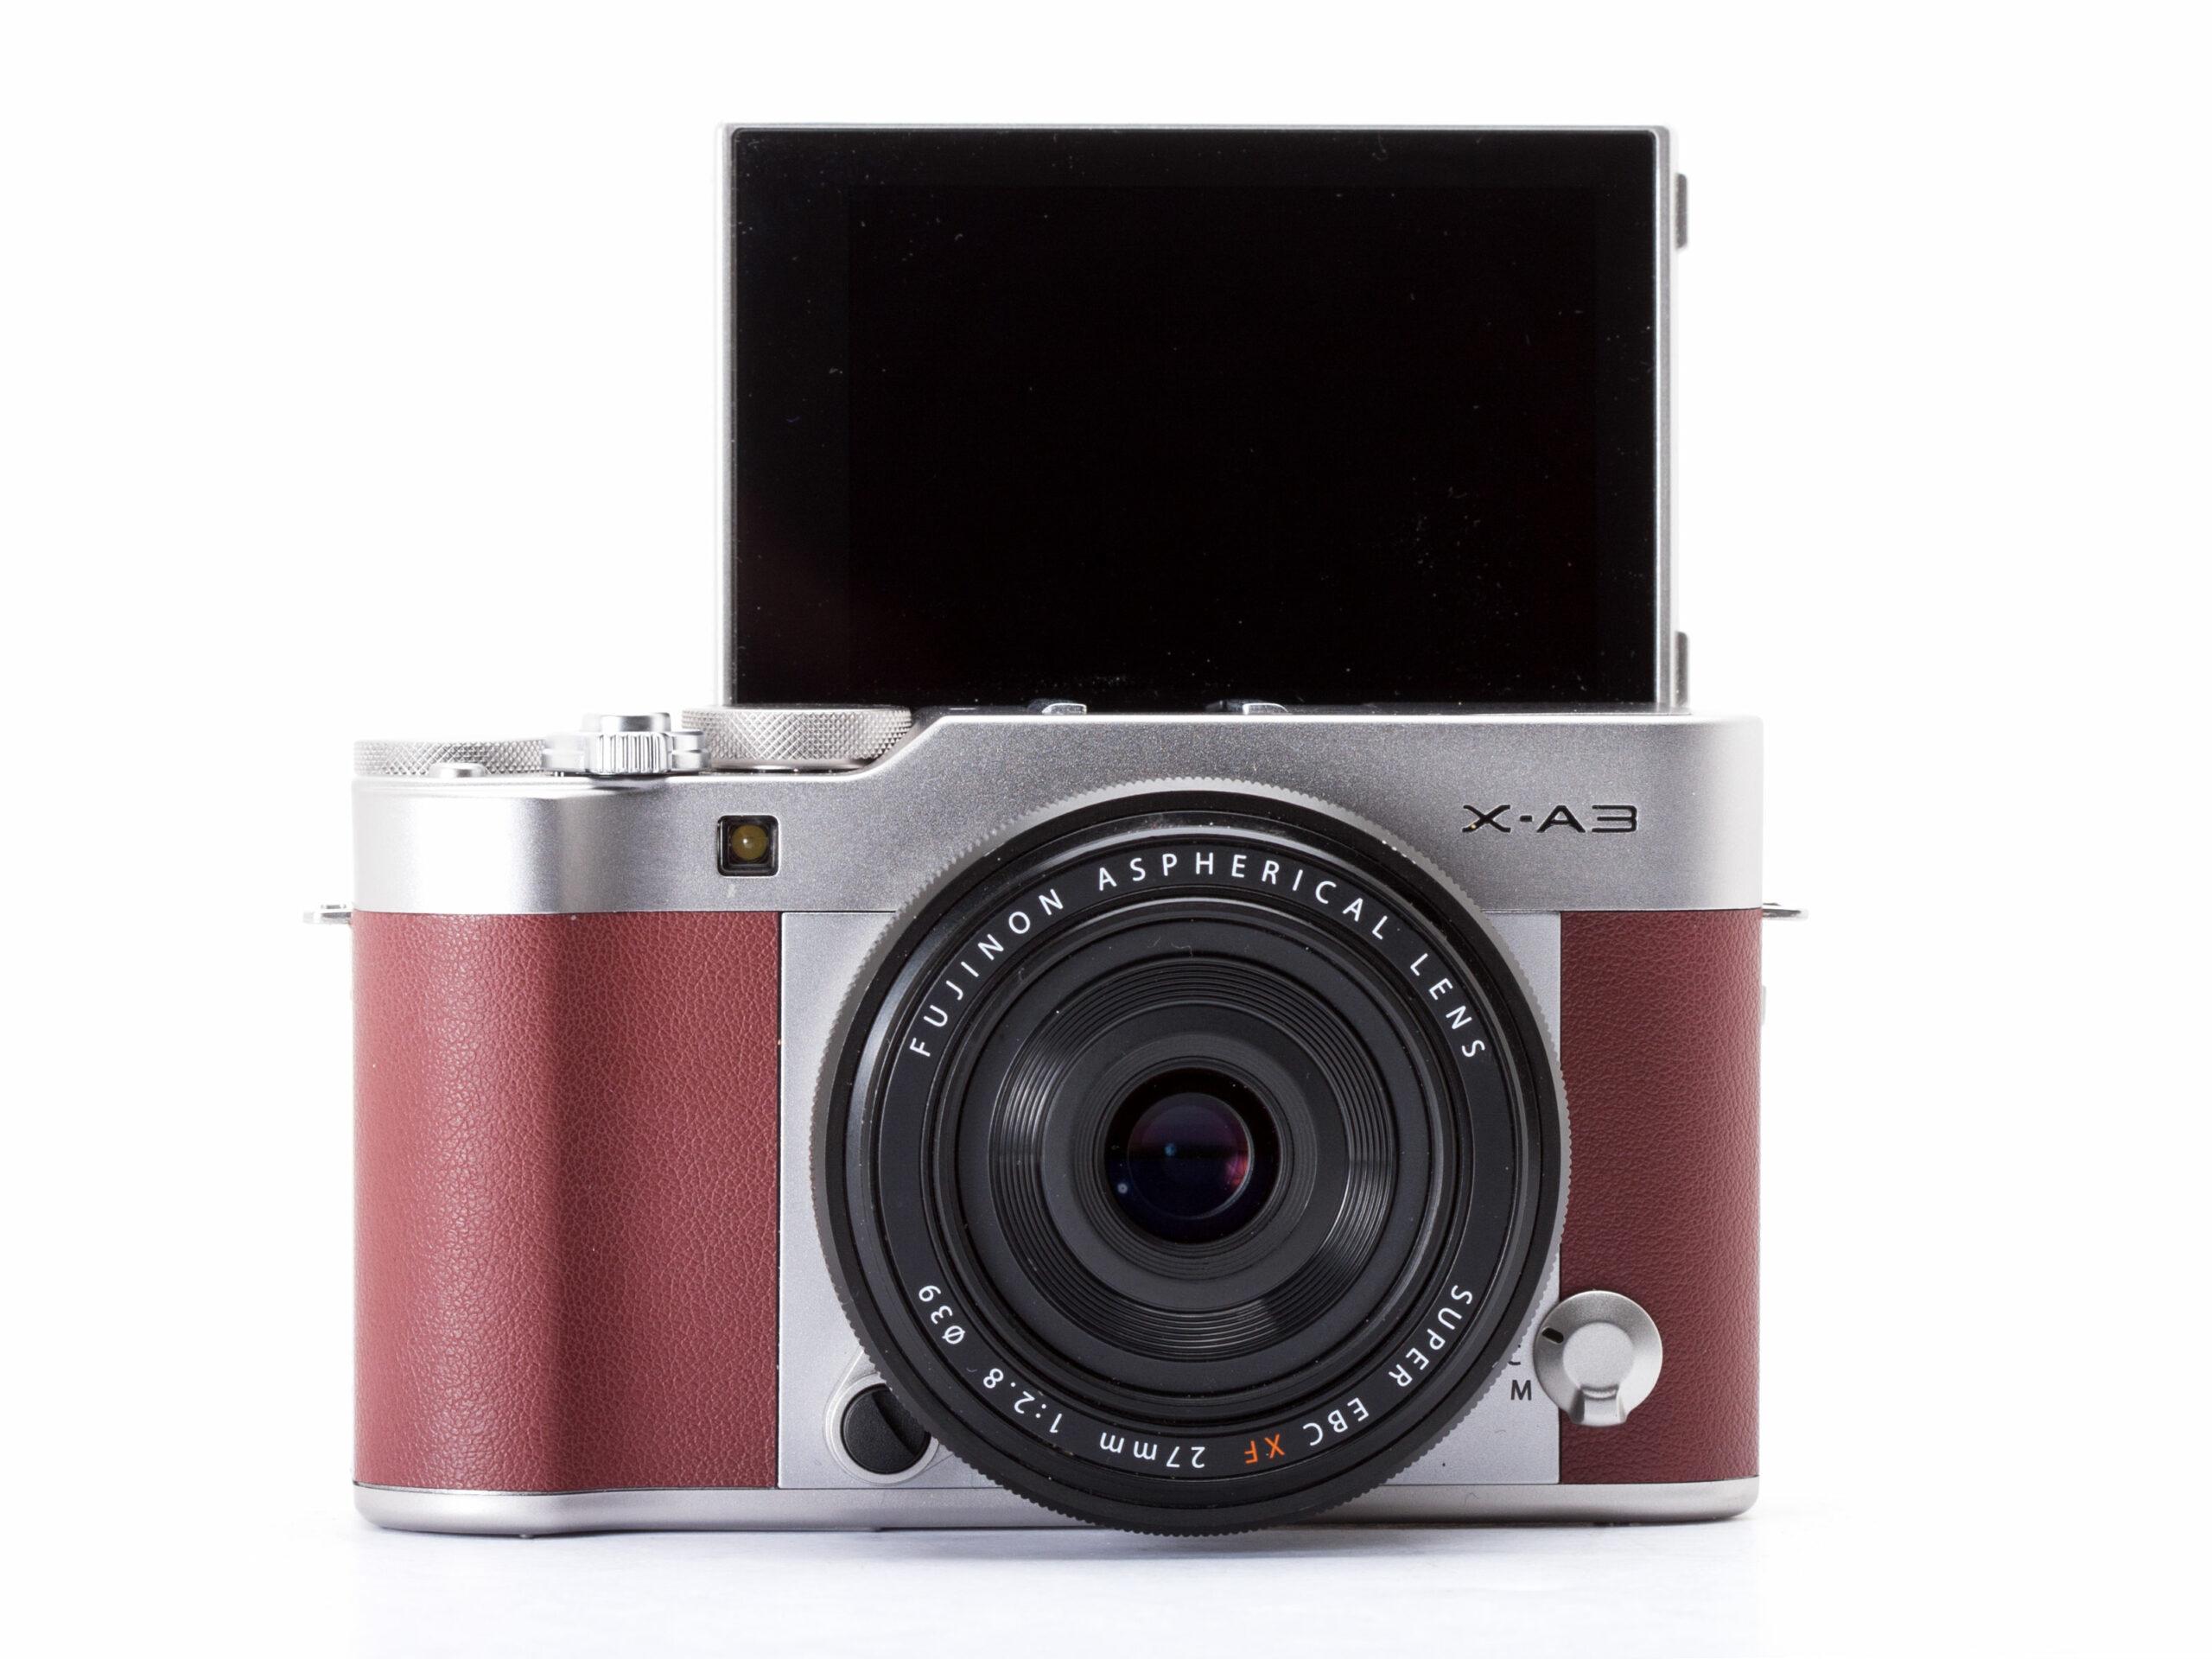 Kamera Vlog untuk Youtuber kamera vlog murah - Fujifilm X A3 scaled - 7 Kamera Vlog Murah Terbaik untuk Youtuber Pemula